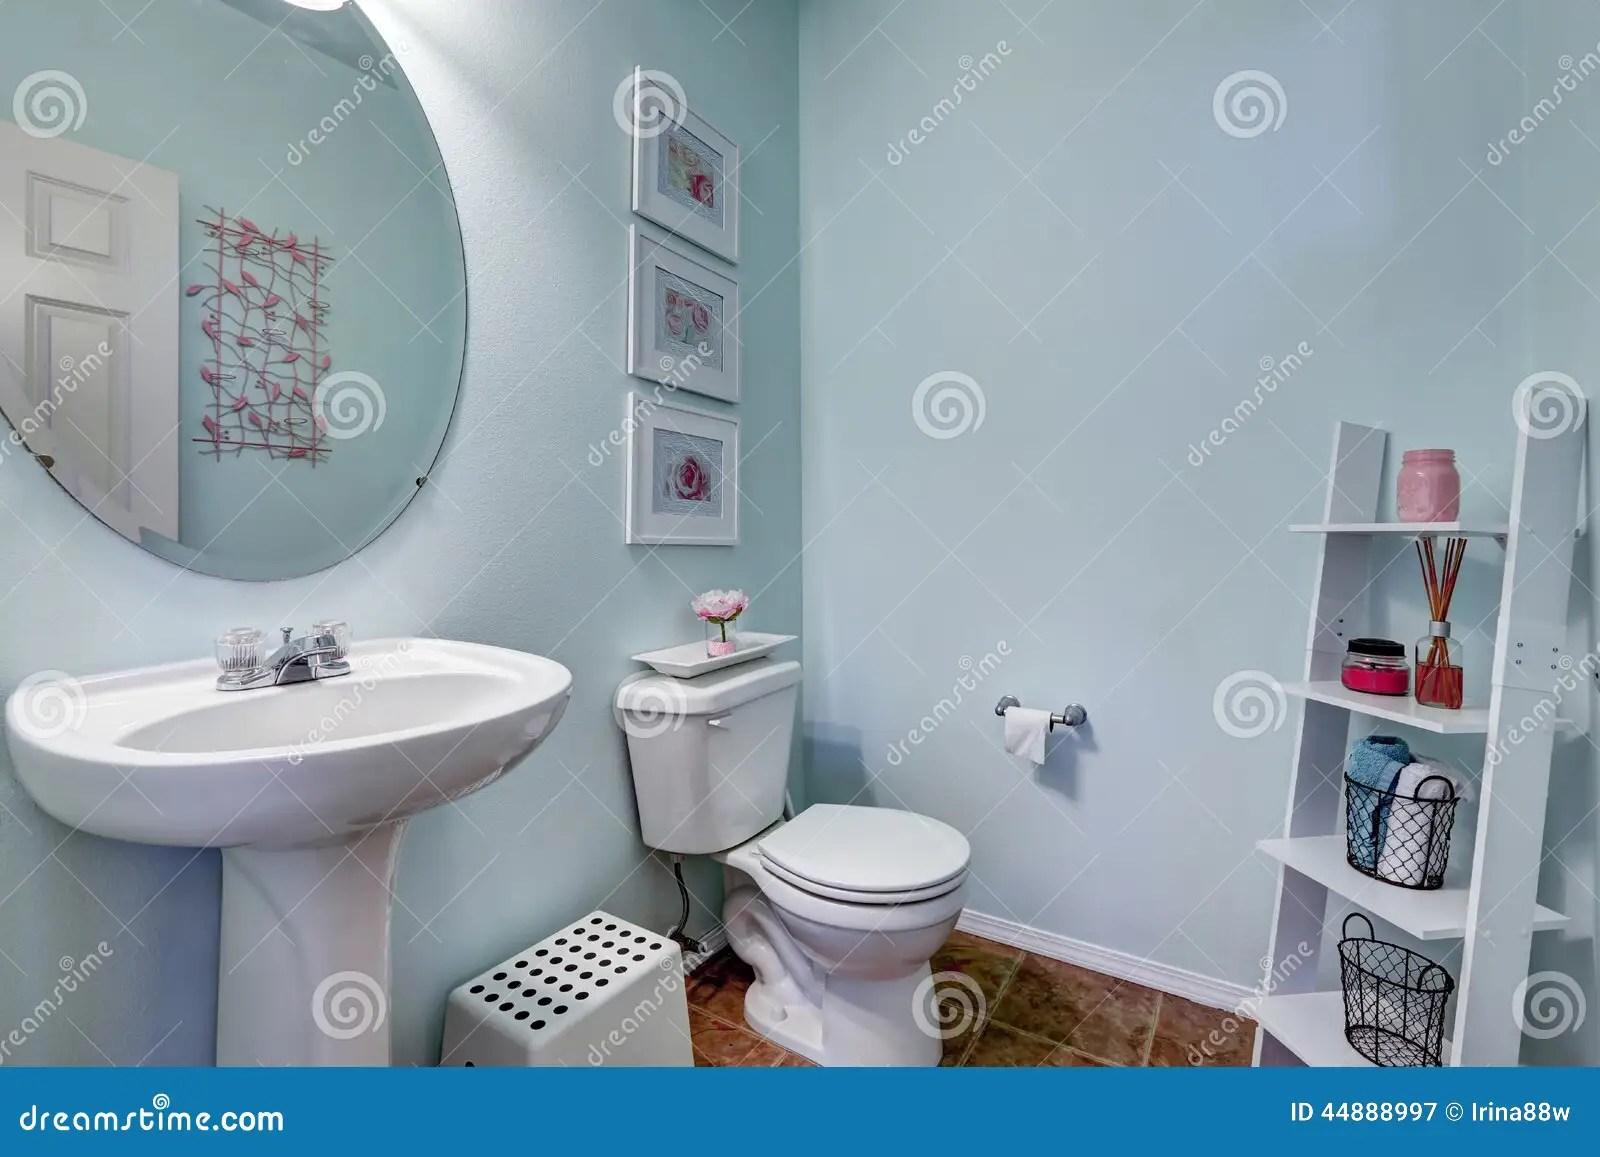 Badezimmer Regal Uber Toilette Costway Wc Toilette Uberbauschrank